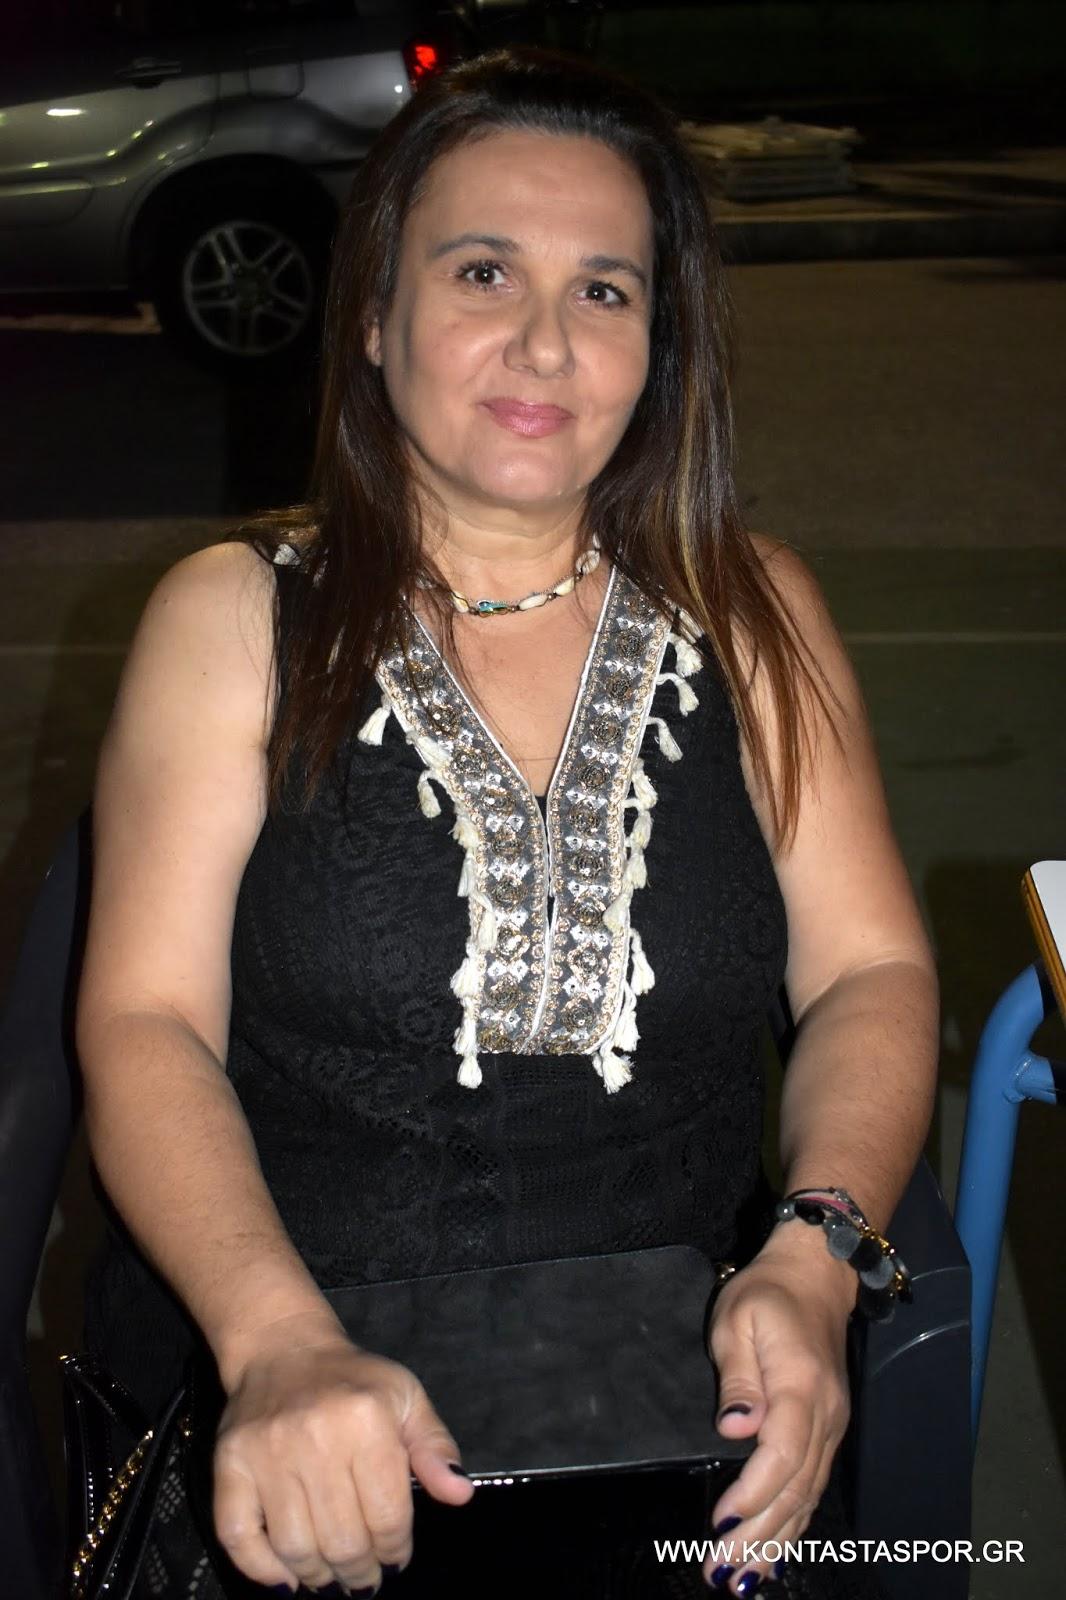 Με επιτυχία η λαική βραδιά  Αδαμαντίδη στα Ψαχνά (φωτογραφίες) 1 DSC 0103